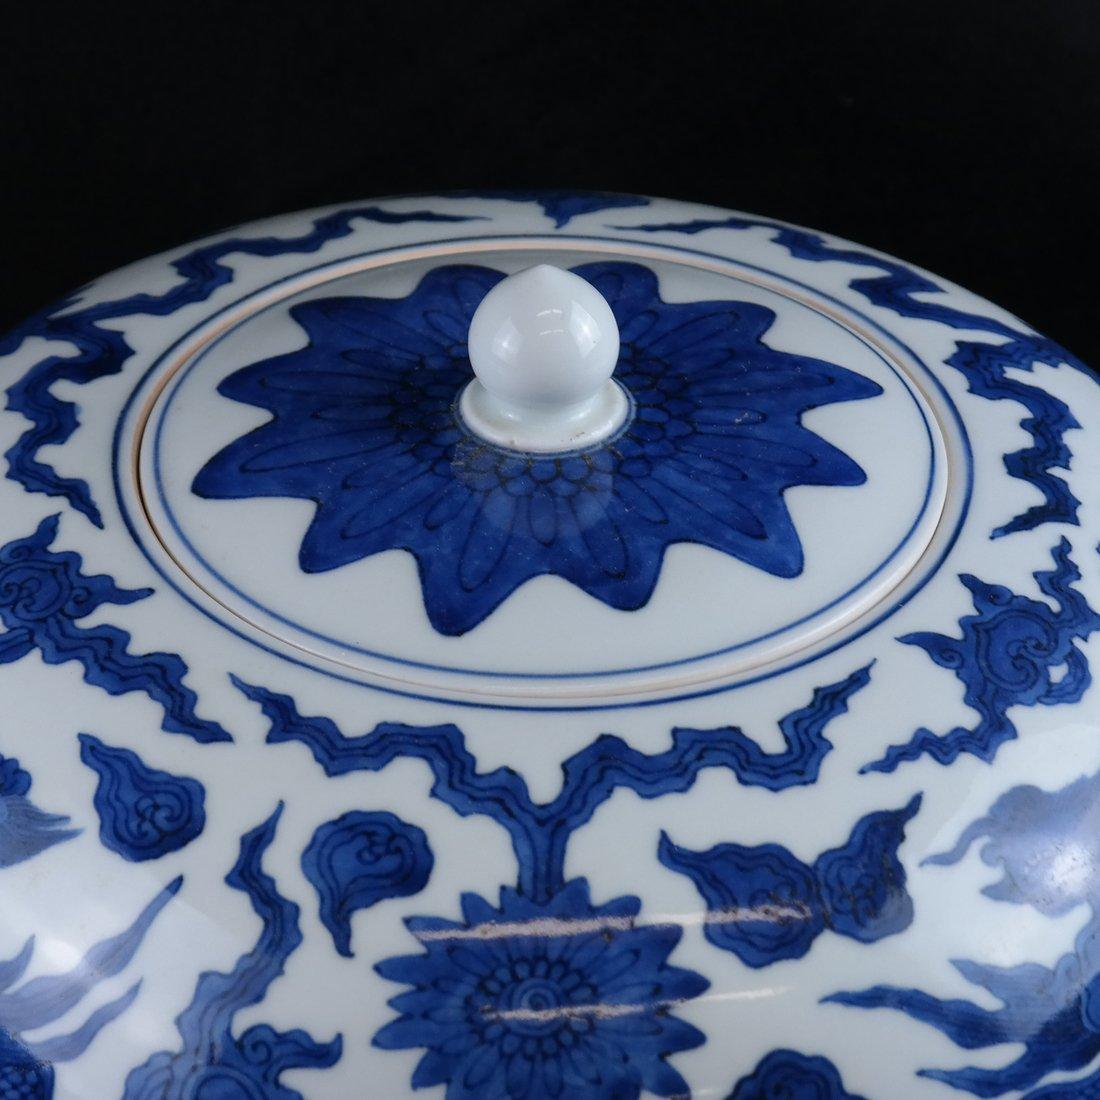 Asian-Style Blue & White Ginger Jar - 2